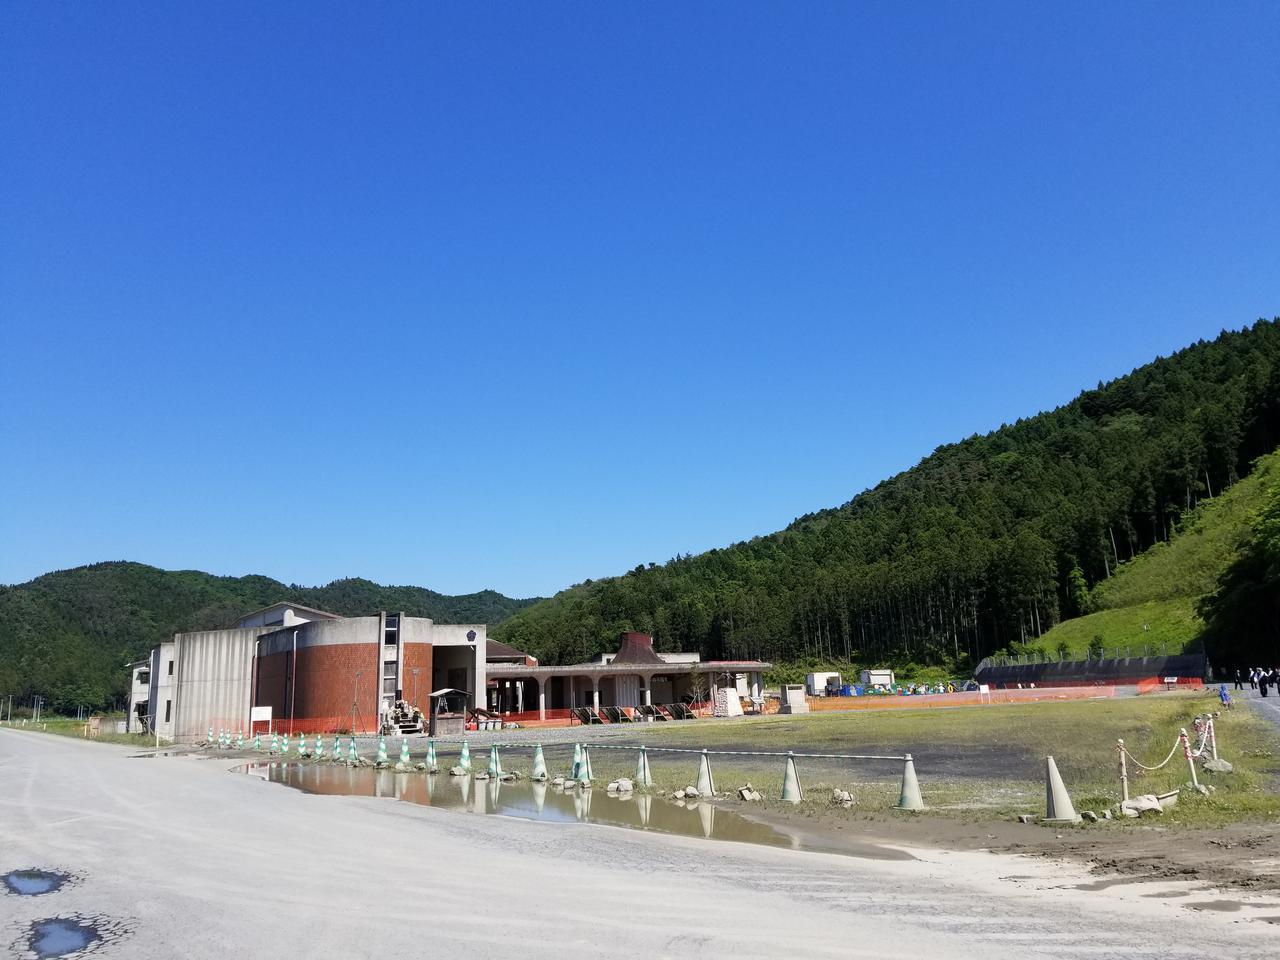 画像: 今も跡地として残されていますが、建物の周りには花が咲き、校舎の中は半分片付けられている状態です。 震災から7年。どうやって残しておくべきなのか、このままでいいのか…考えさせられる状態でした。